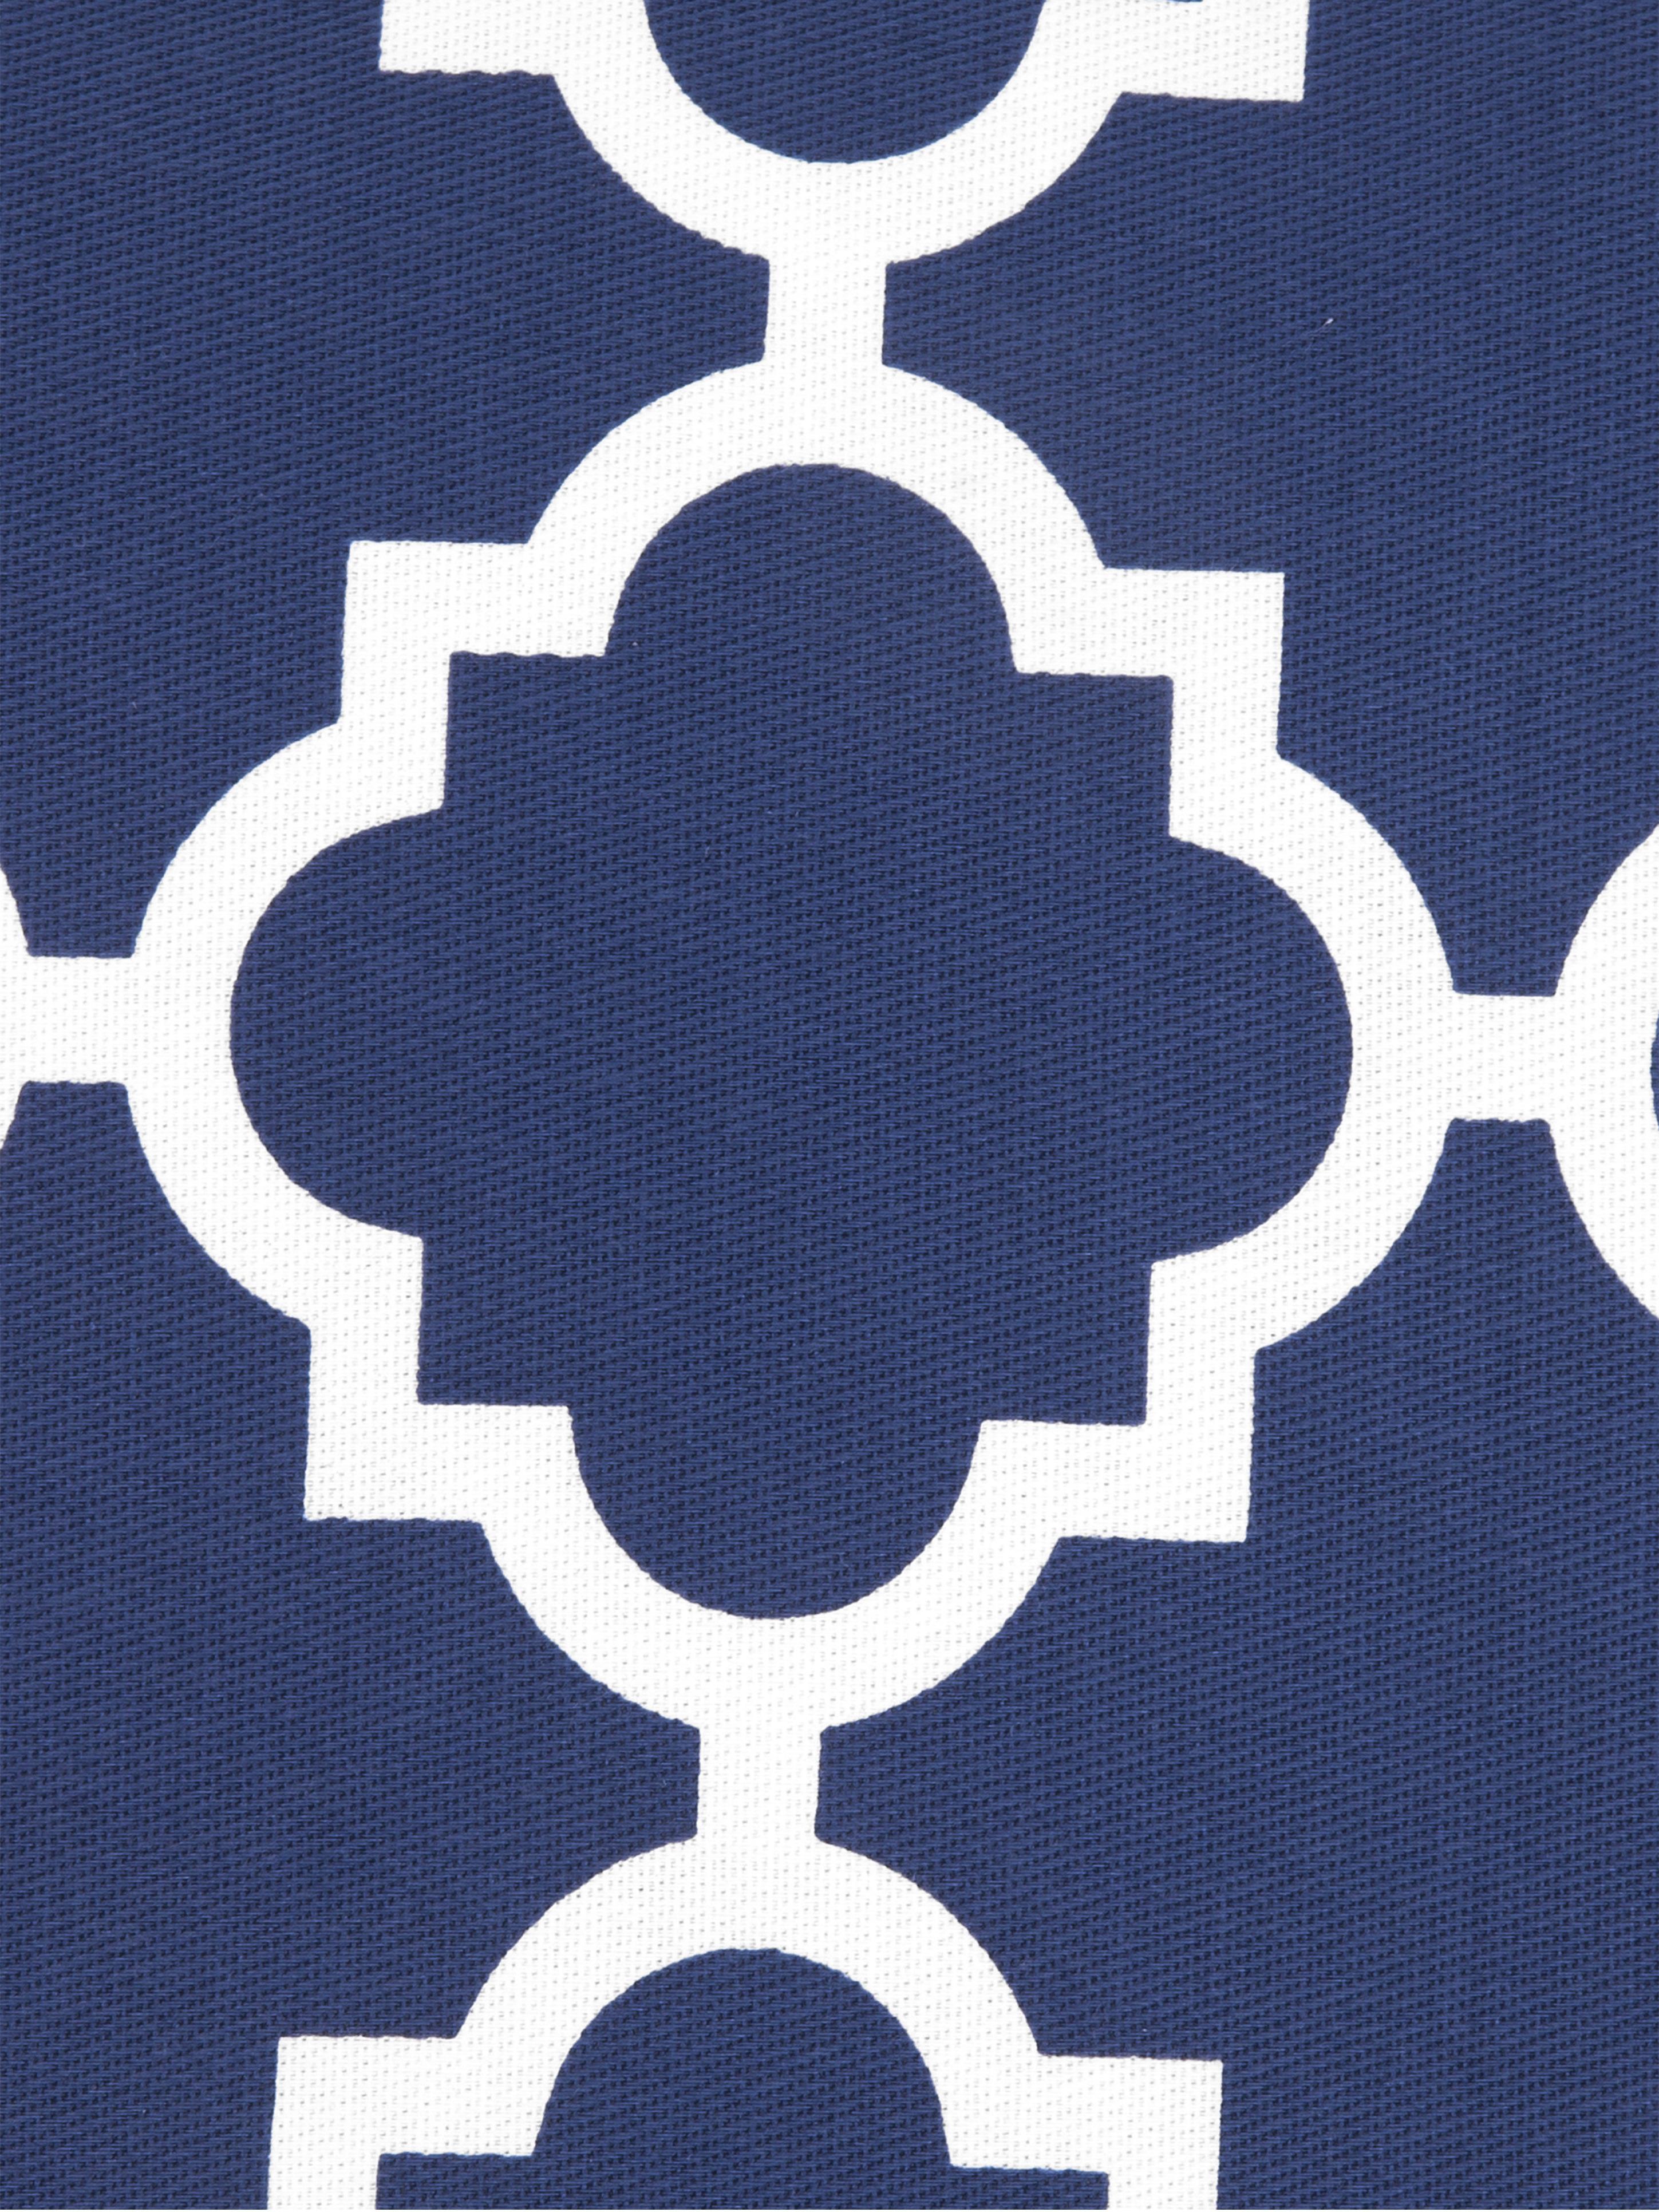 Kissenhülle Lana mit grafischem Muster, 100% Baumwolle, Marineblau, Weiss, 45 x 45 cm